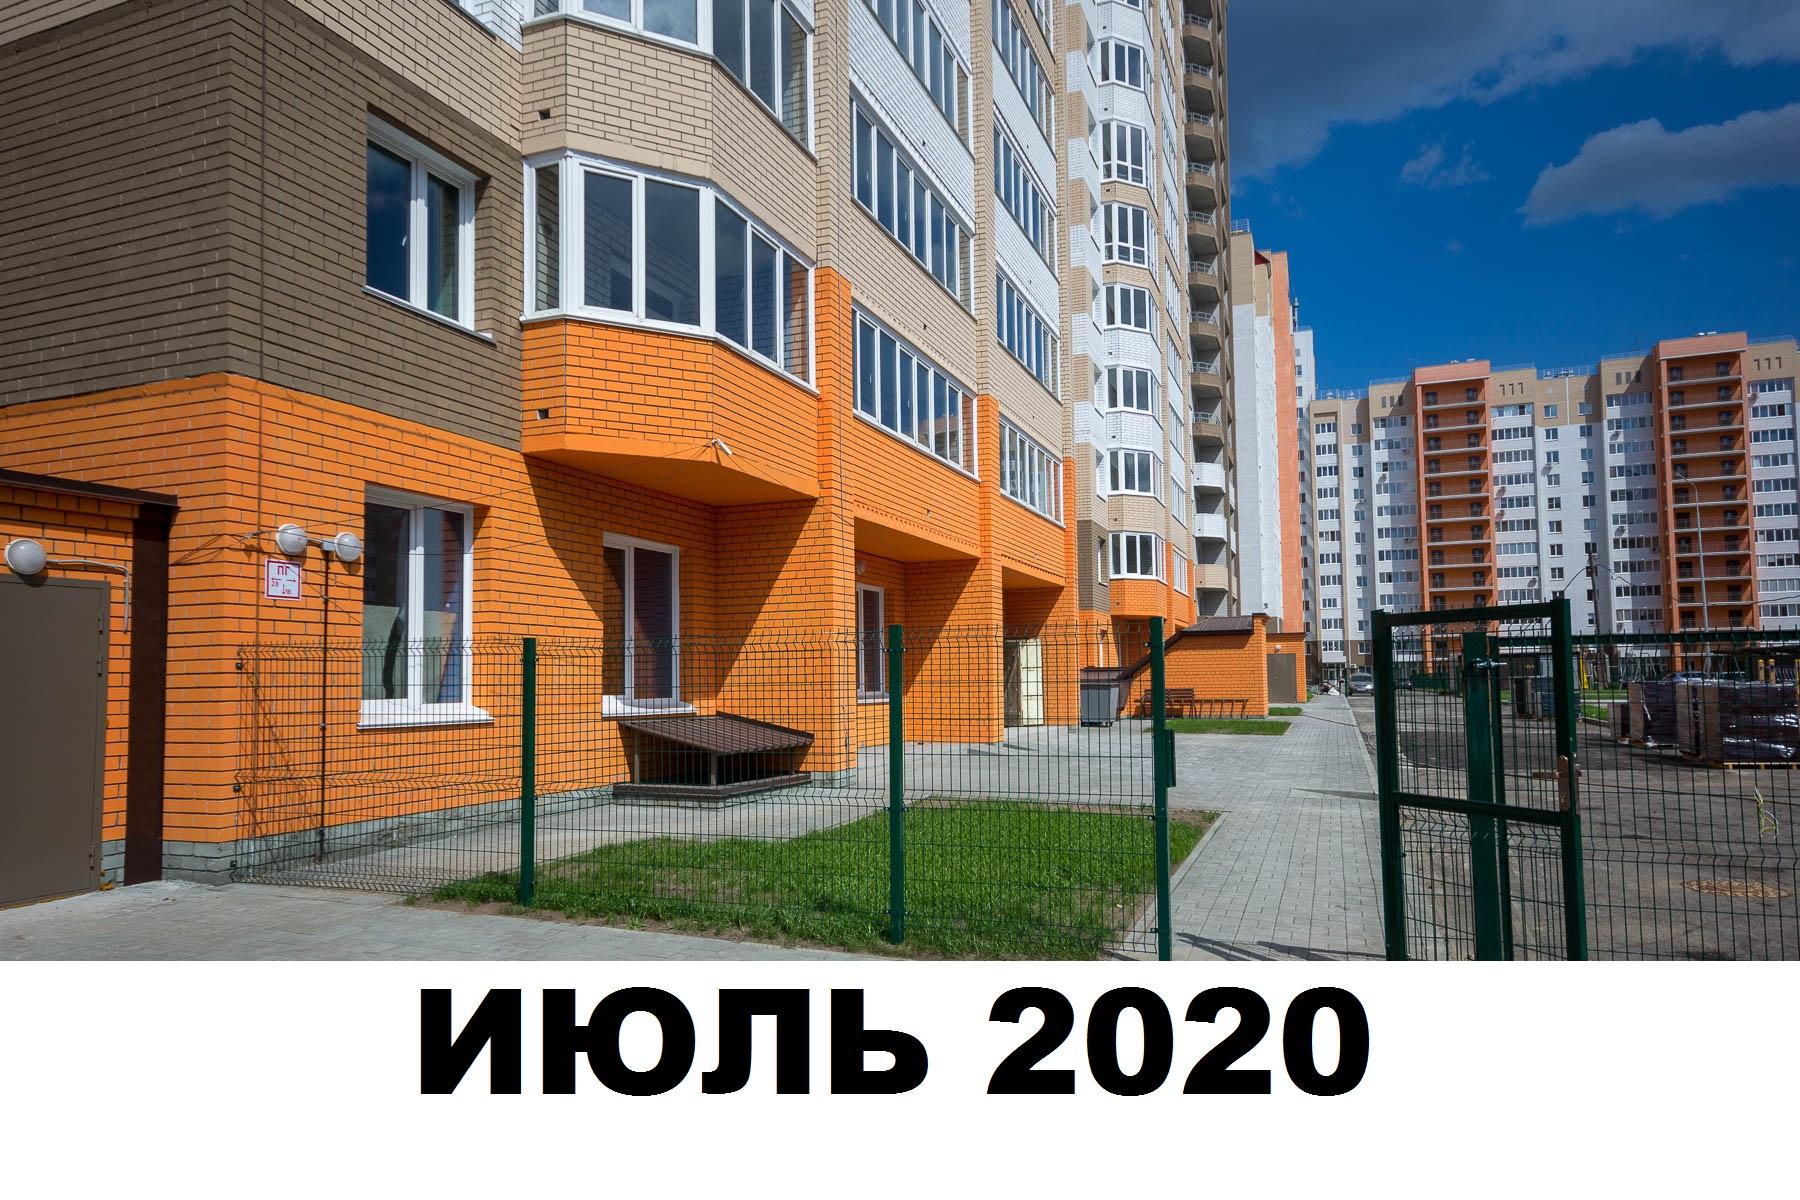 Июль 2020